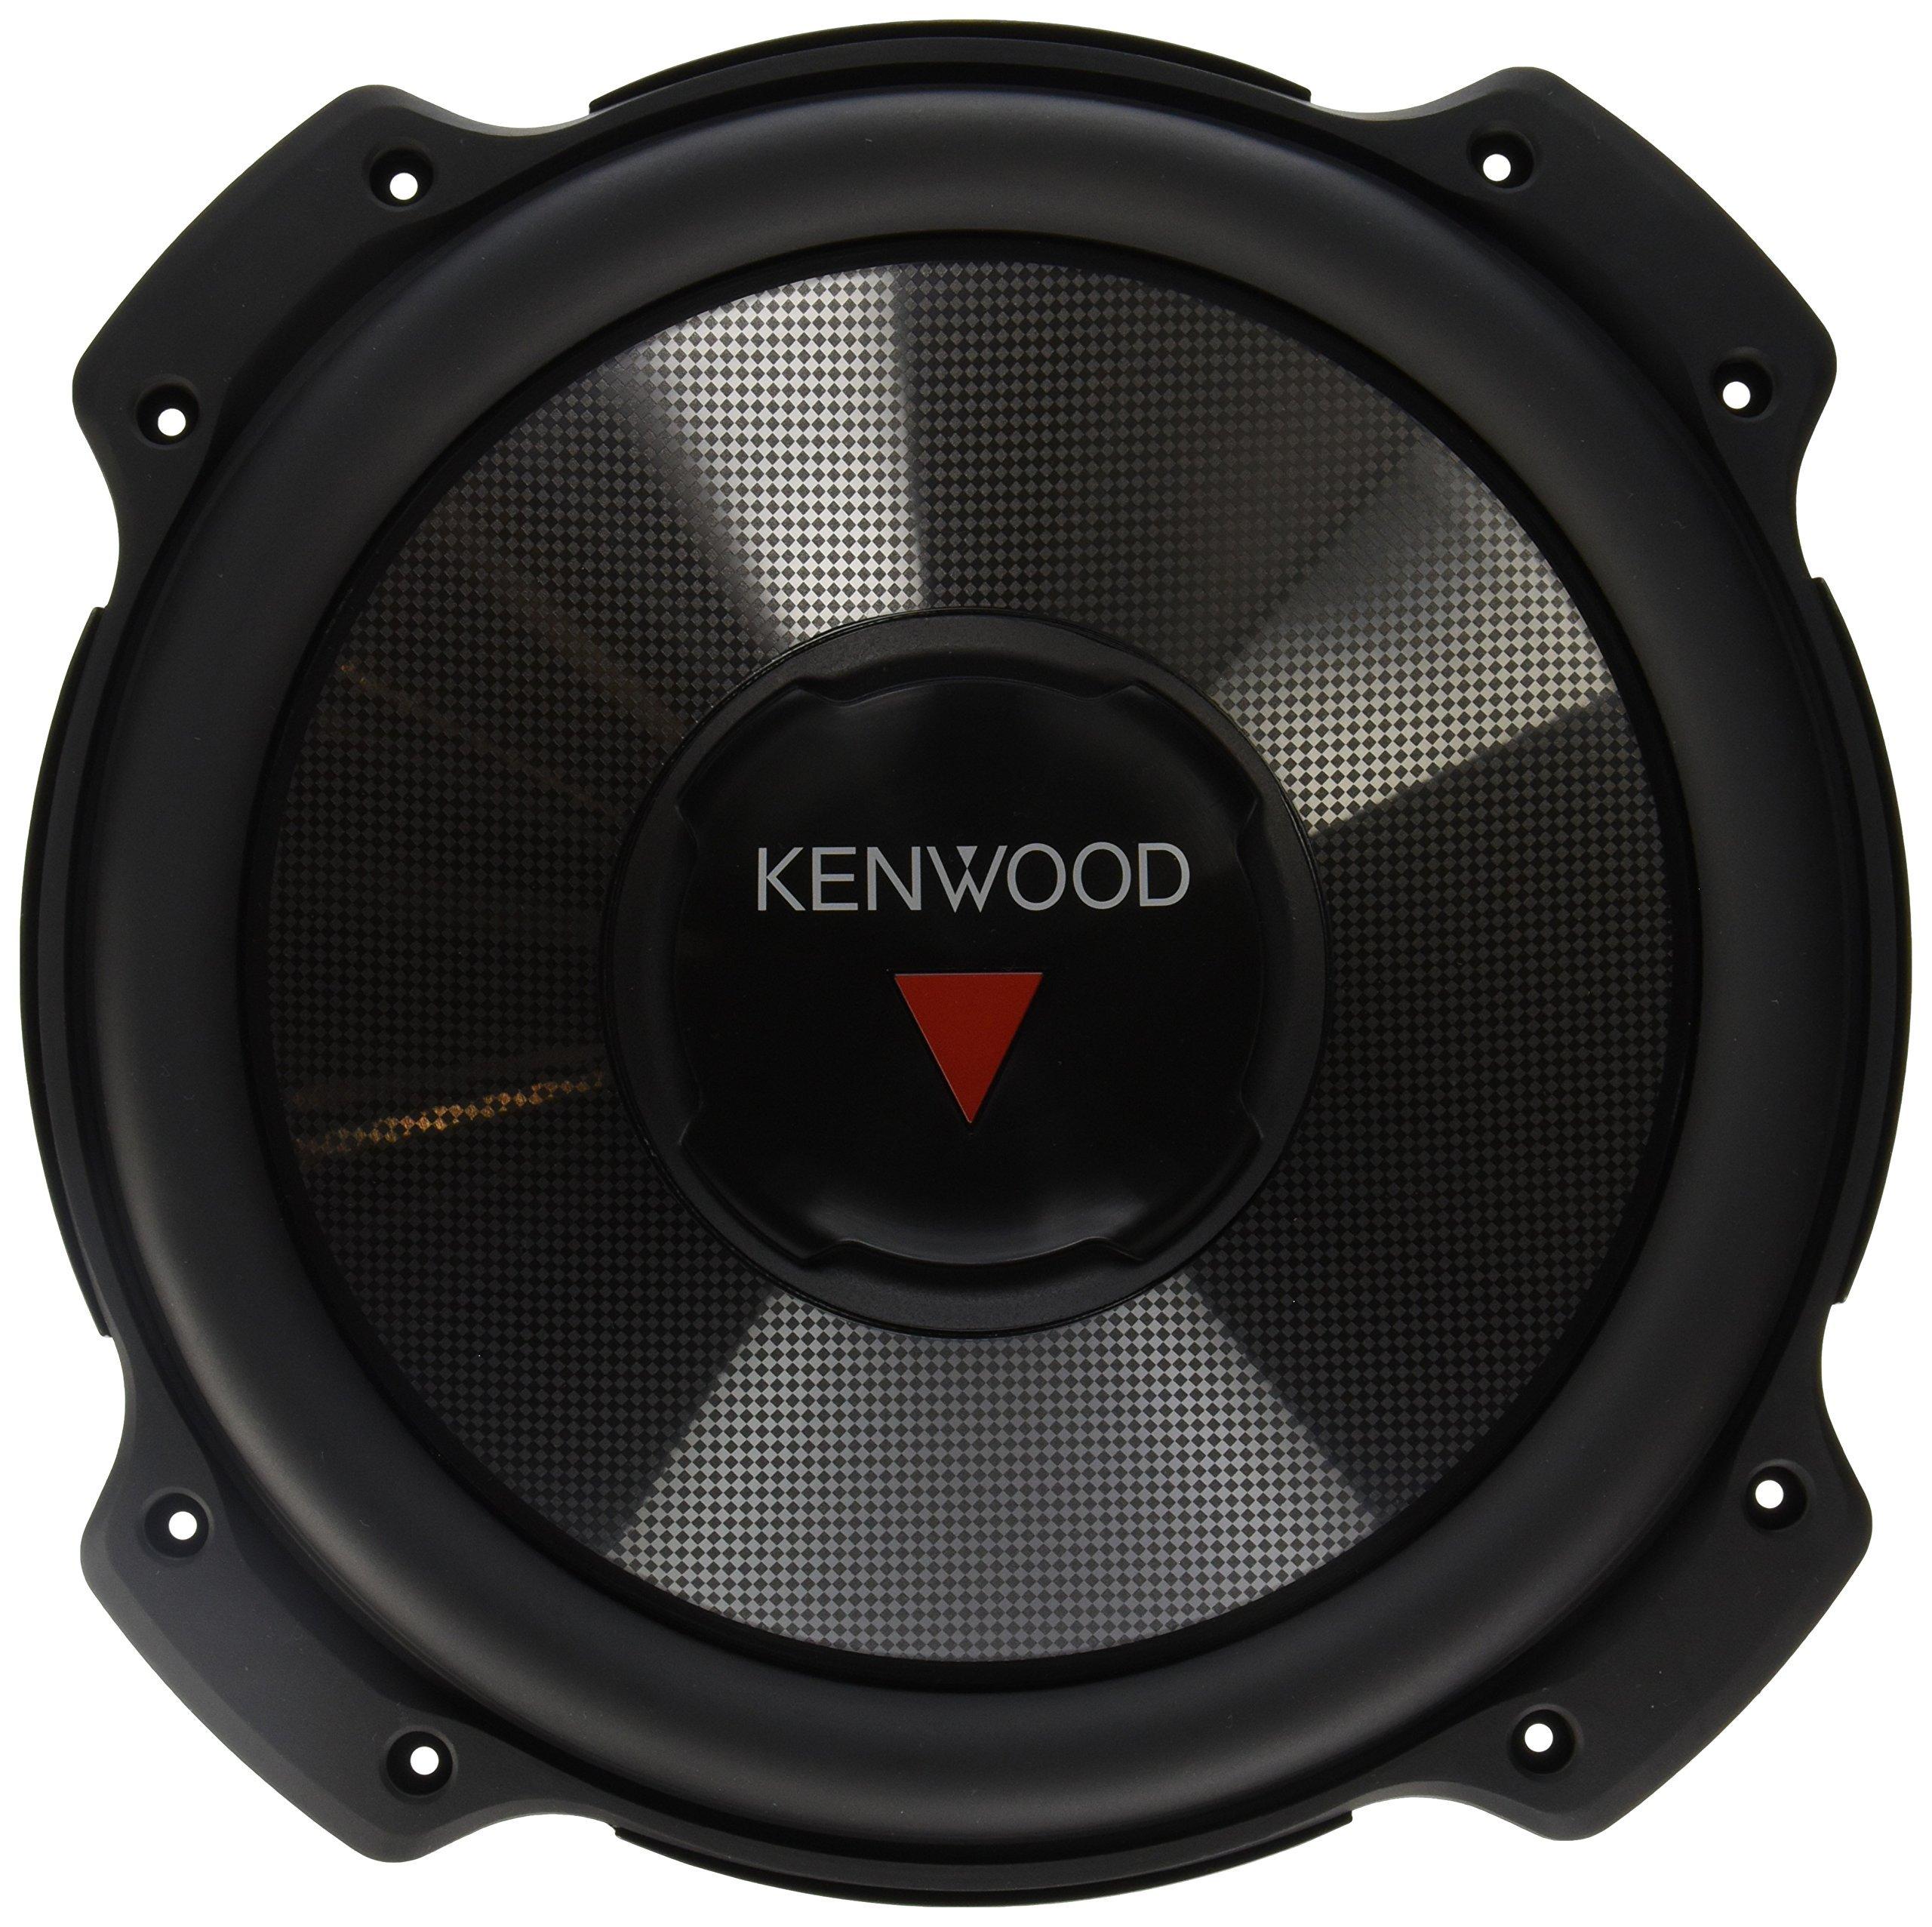 Kenwood KFC W3016PS 12 Inch 2000W Subwoofer